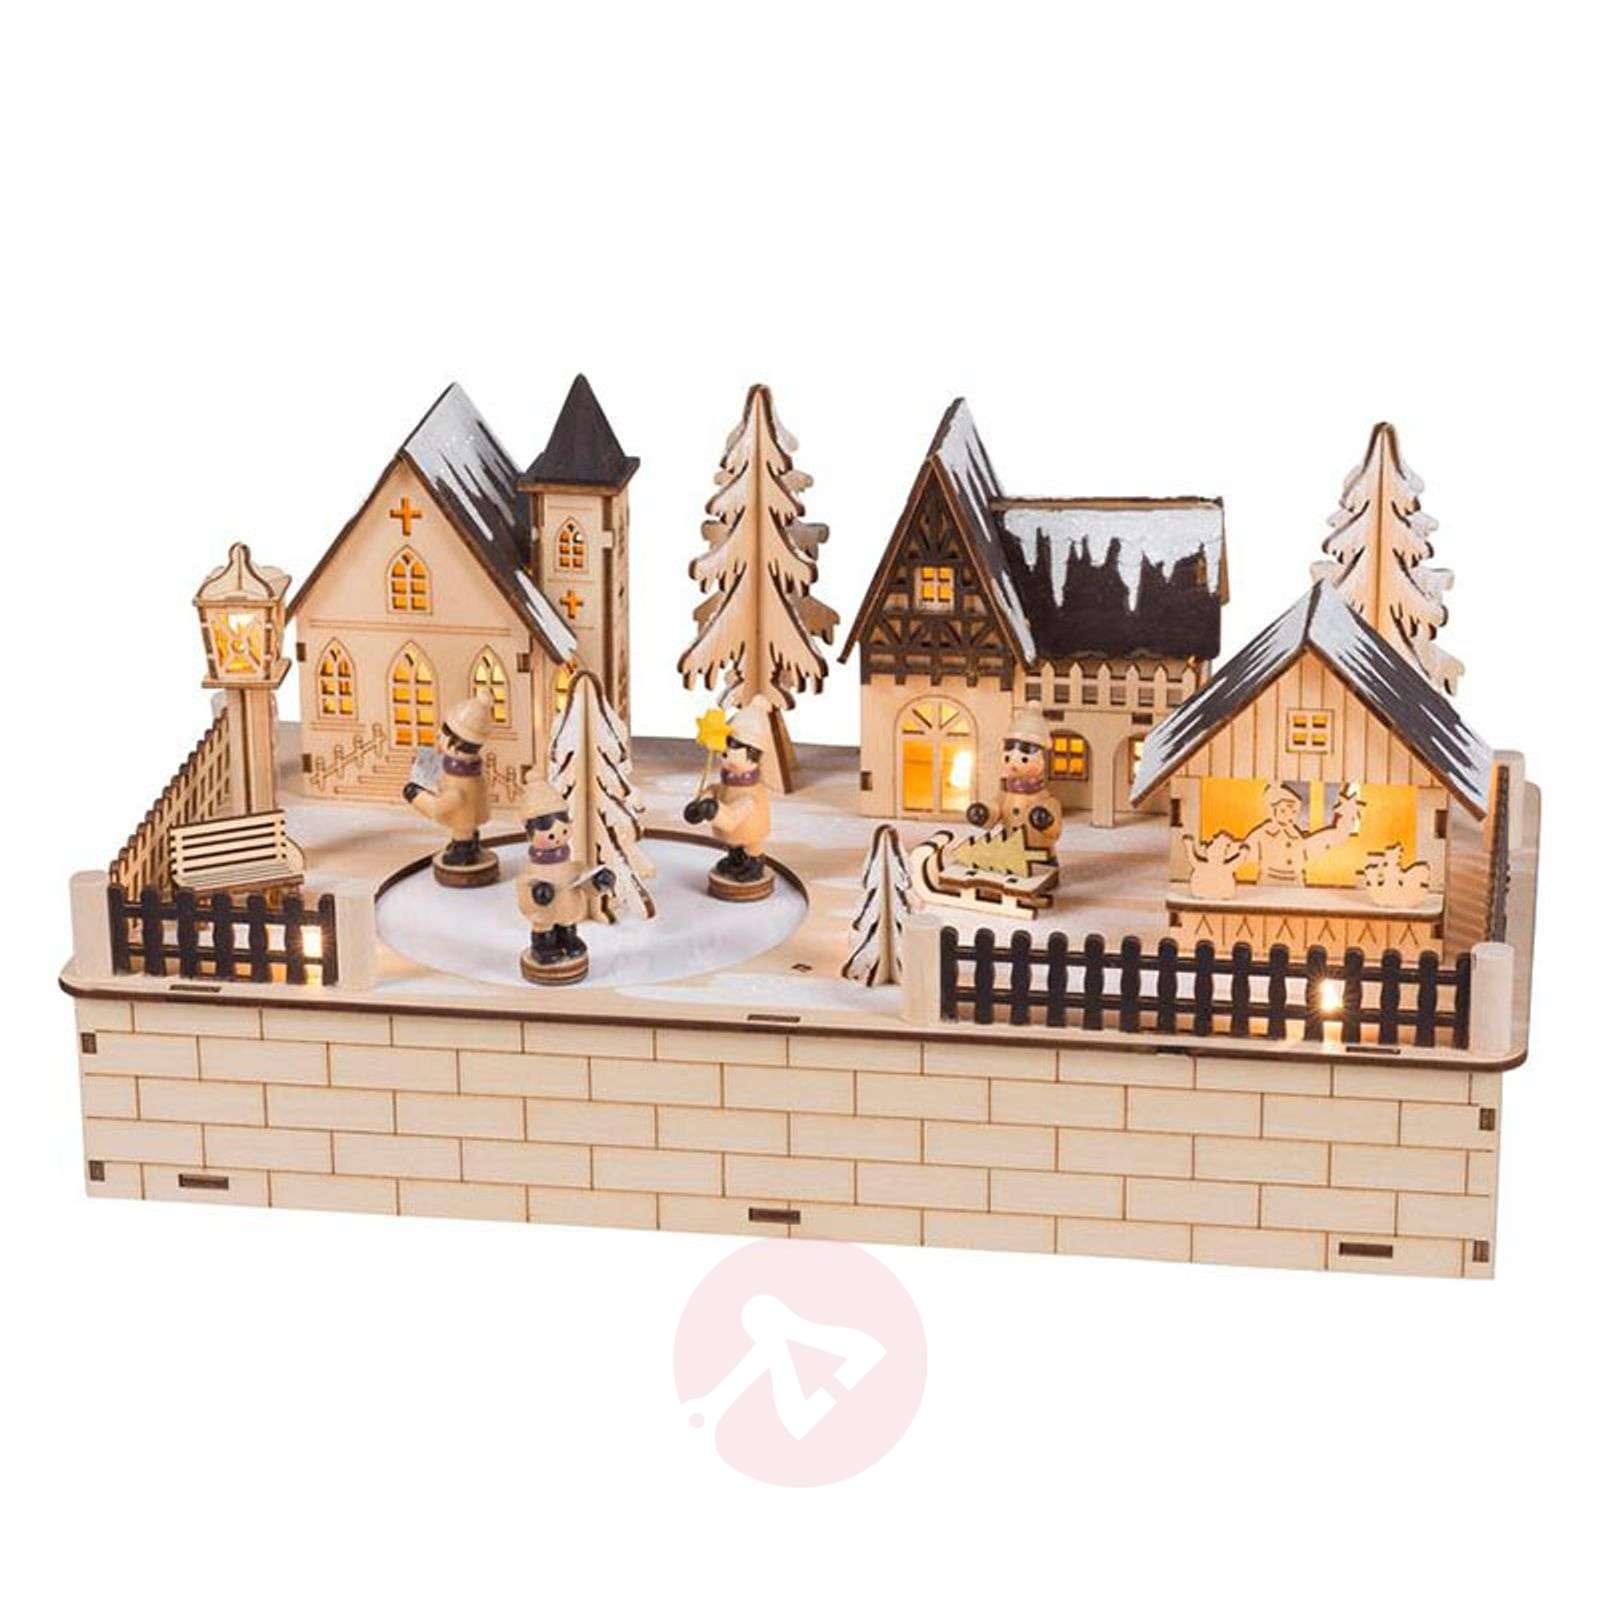 Christmas Village LED Schwibbogen rotating figures-8501226-01